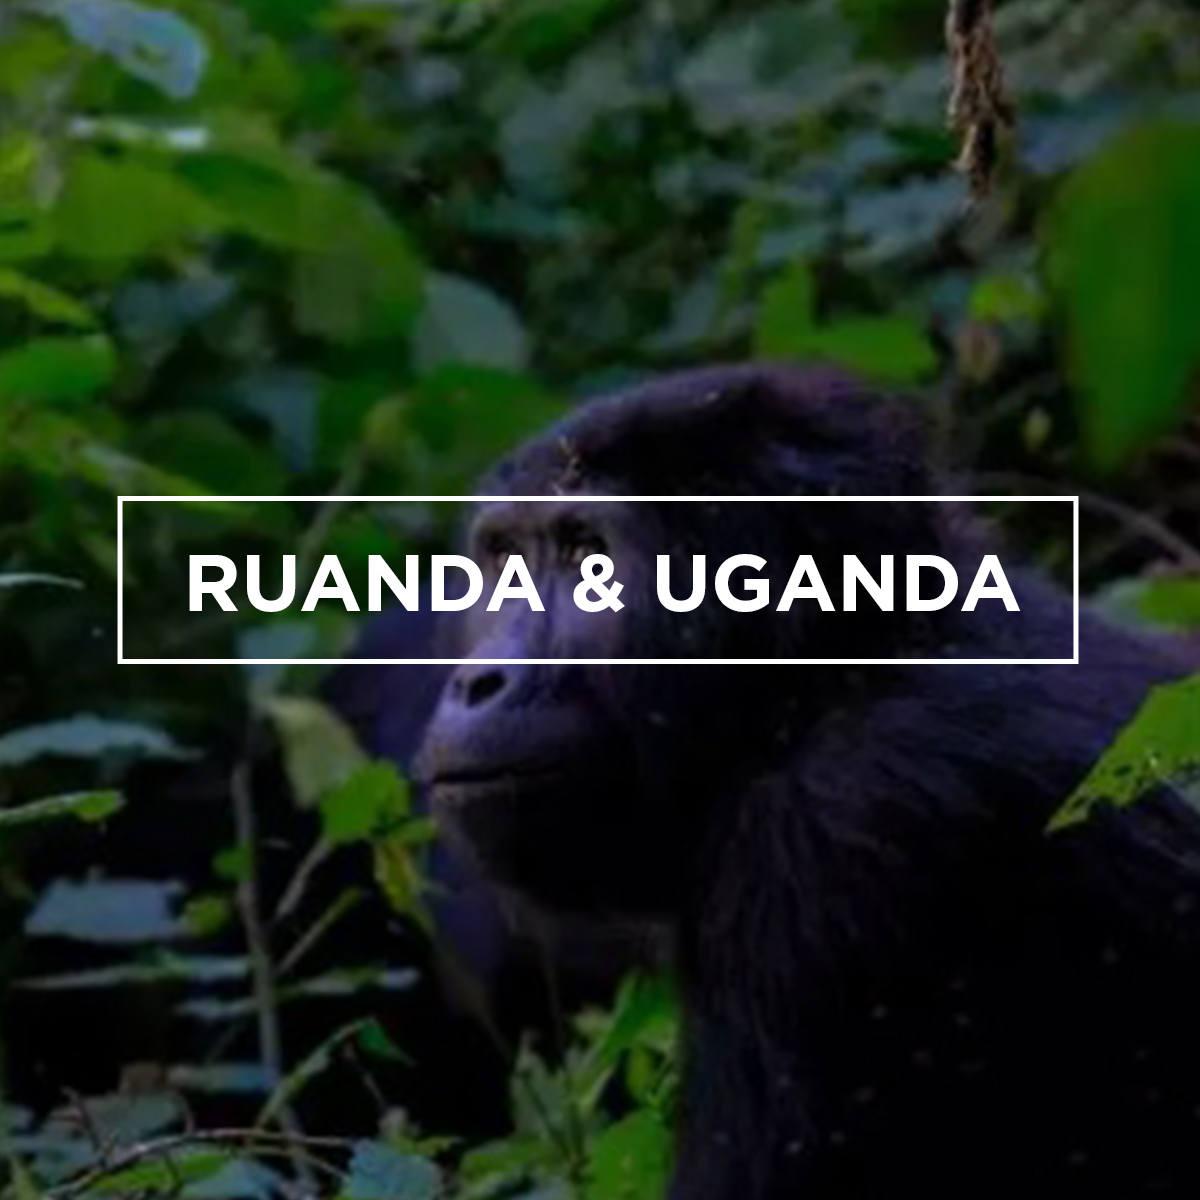 ruanda&uganda